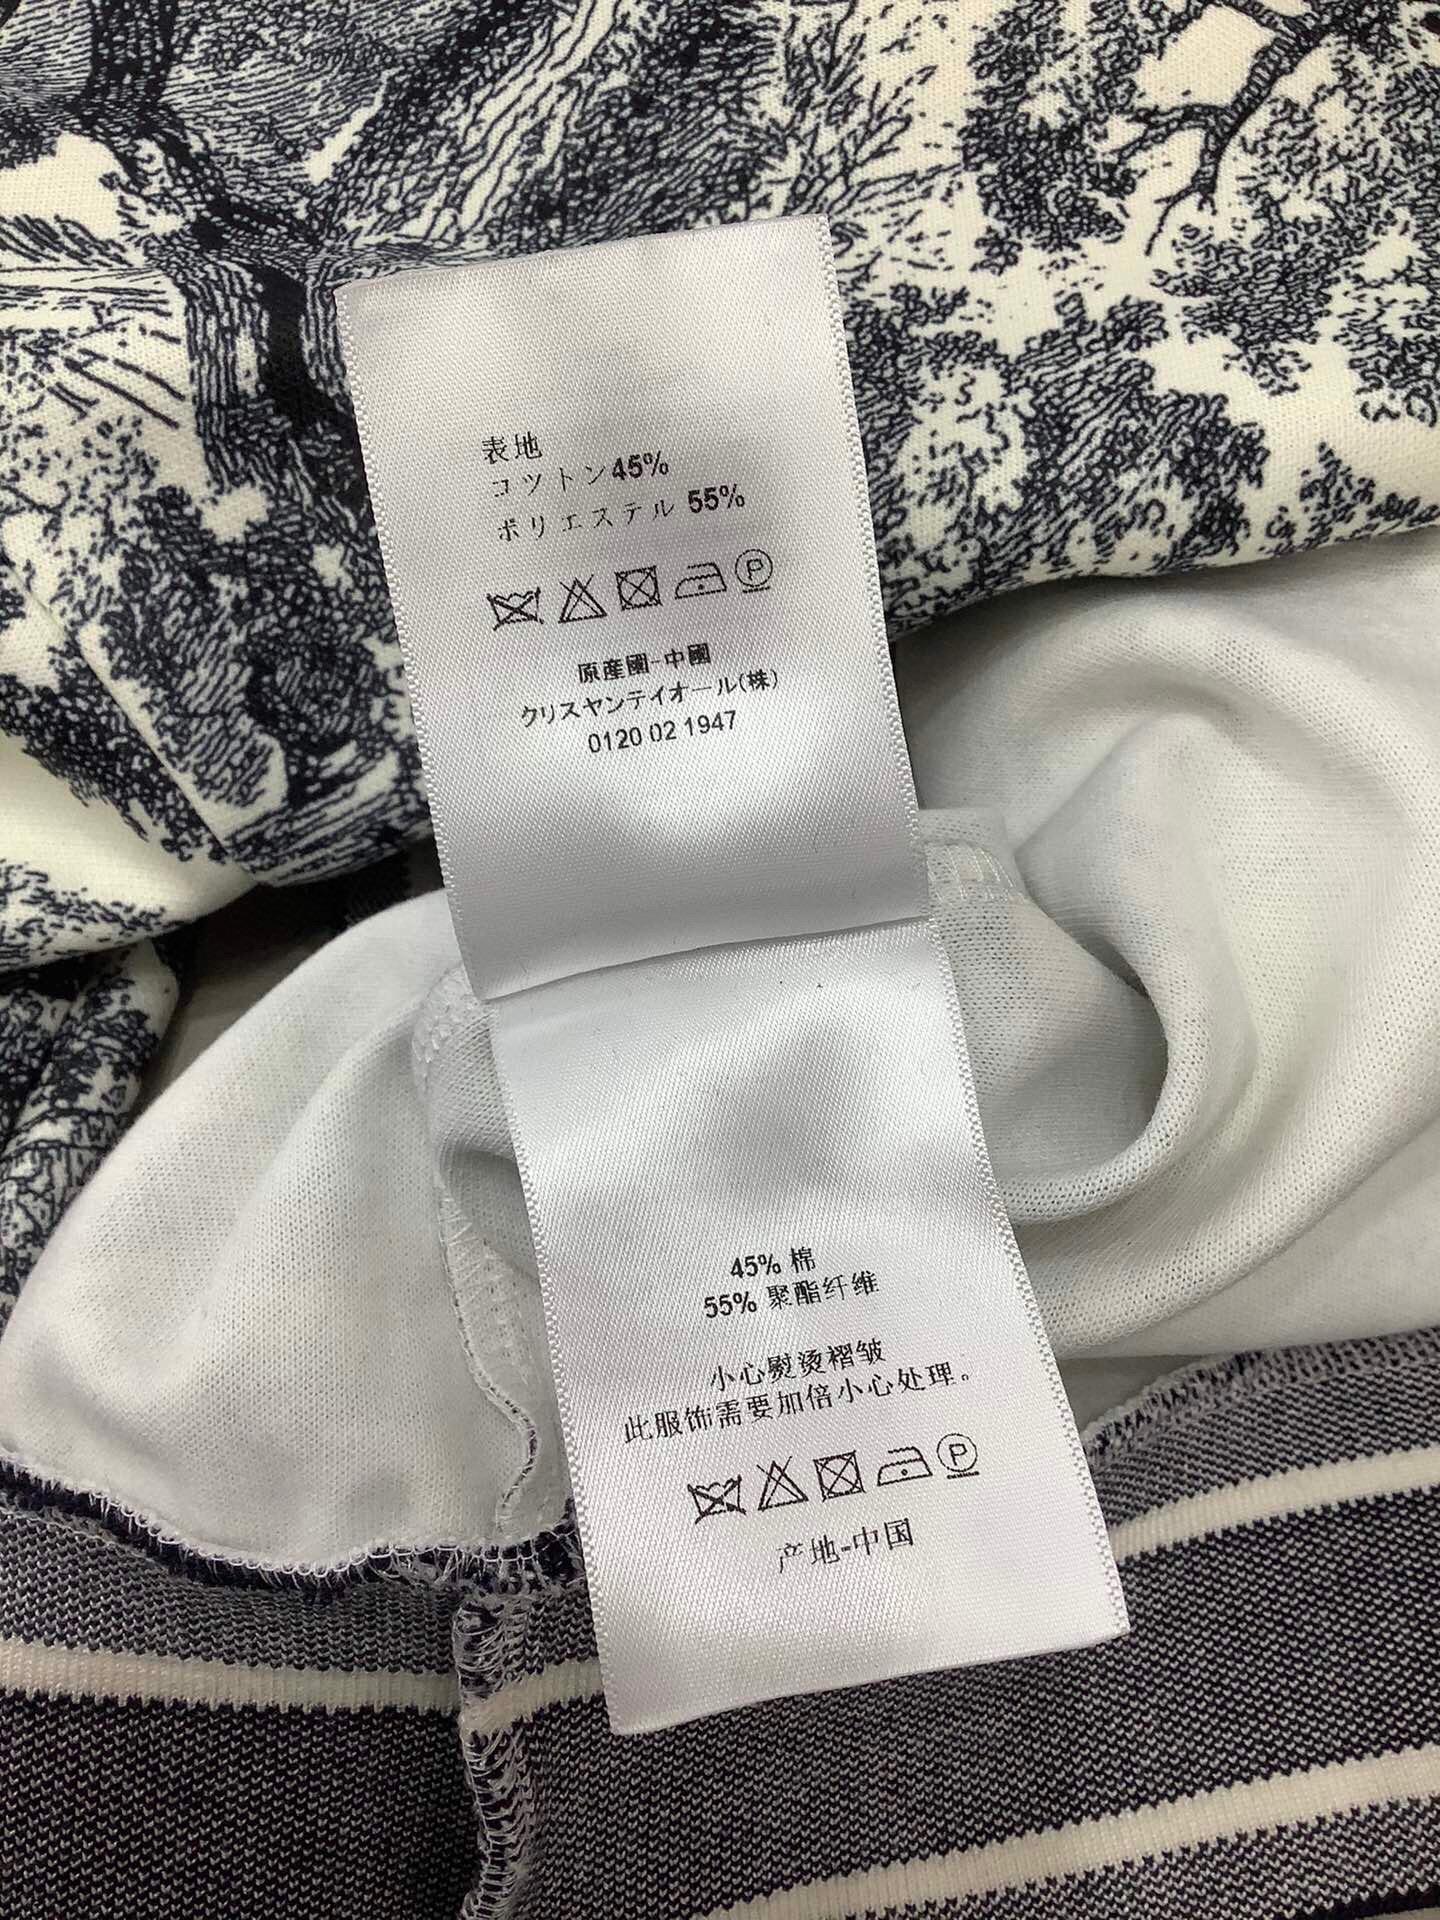 hot sale      women JEAN sweatshirt  hoodies 2021 spring winter dress S-M-L 16